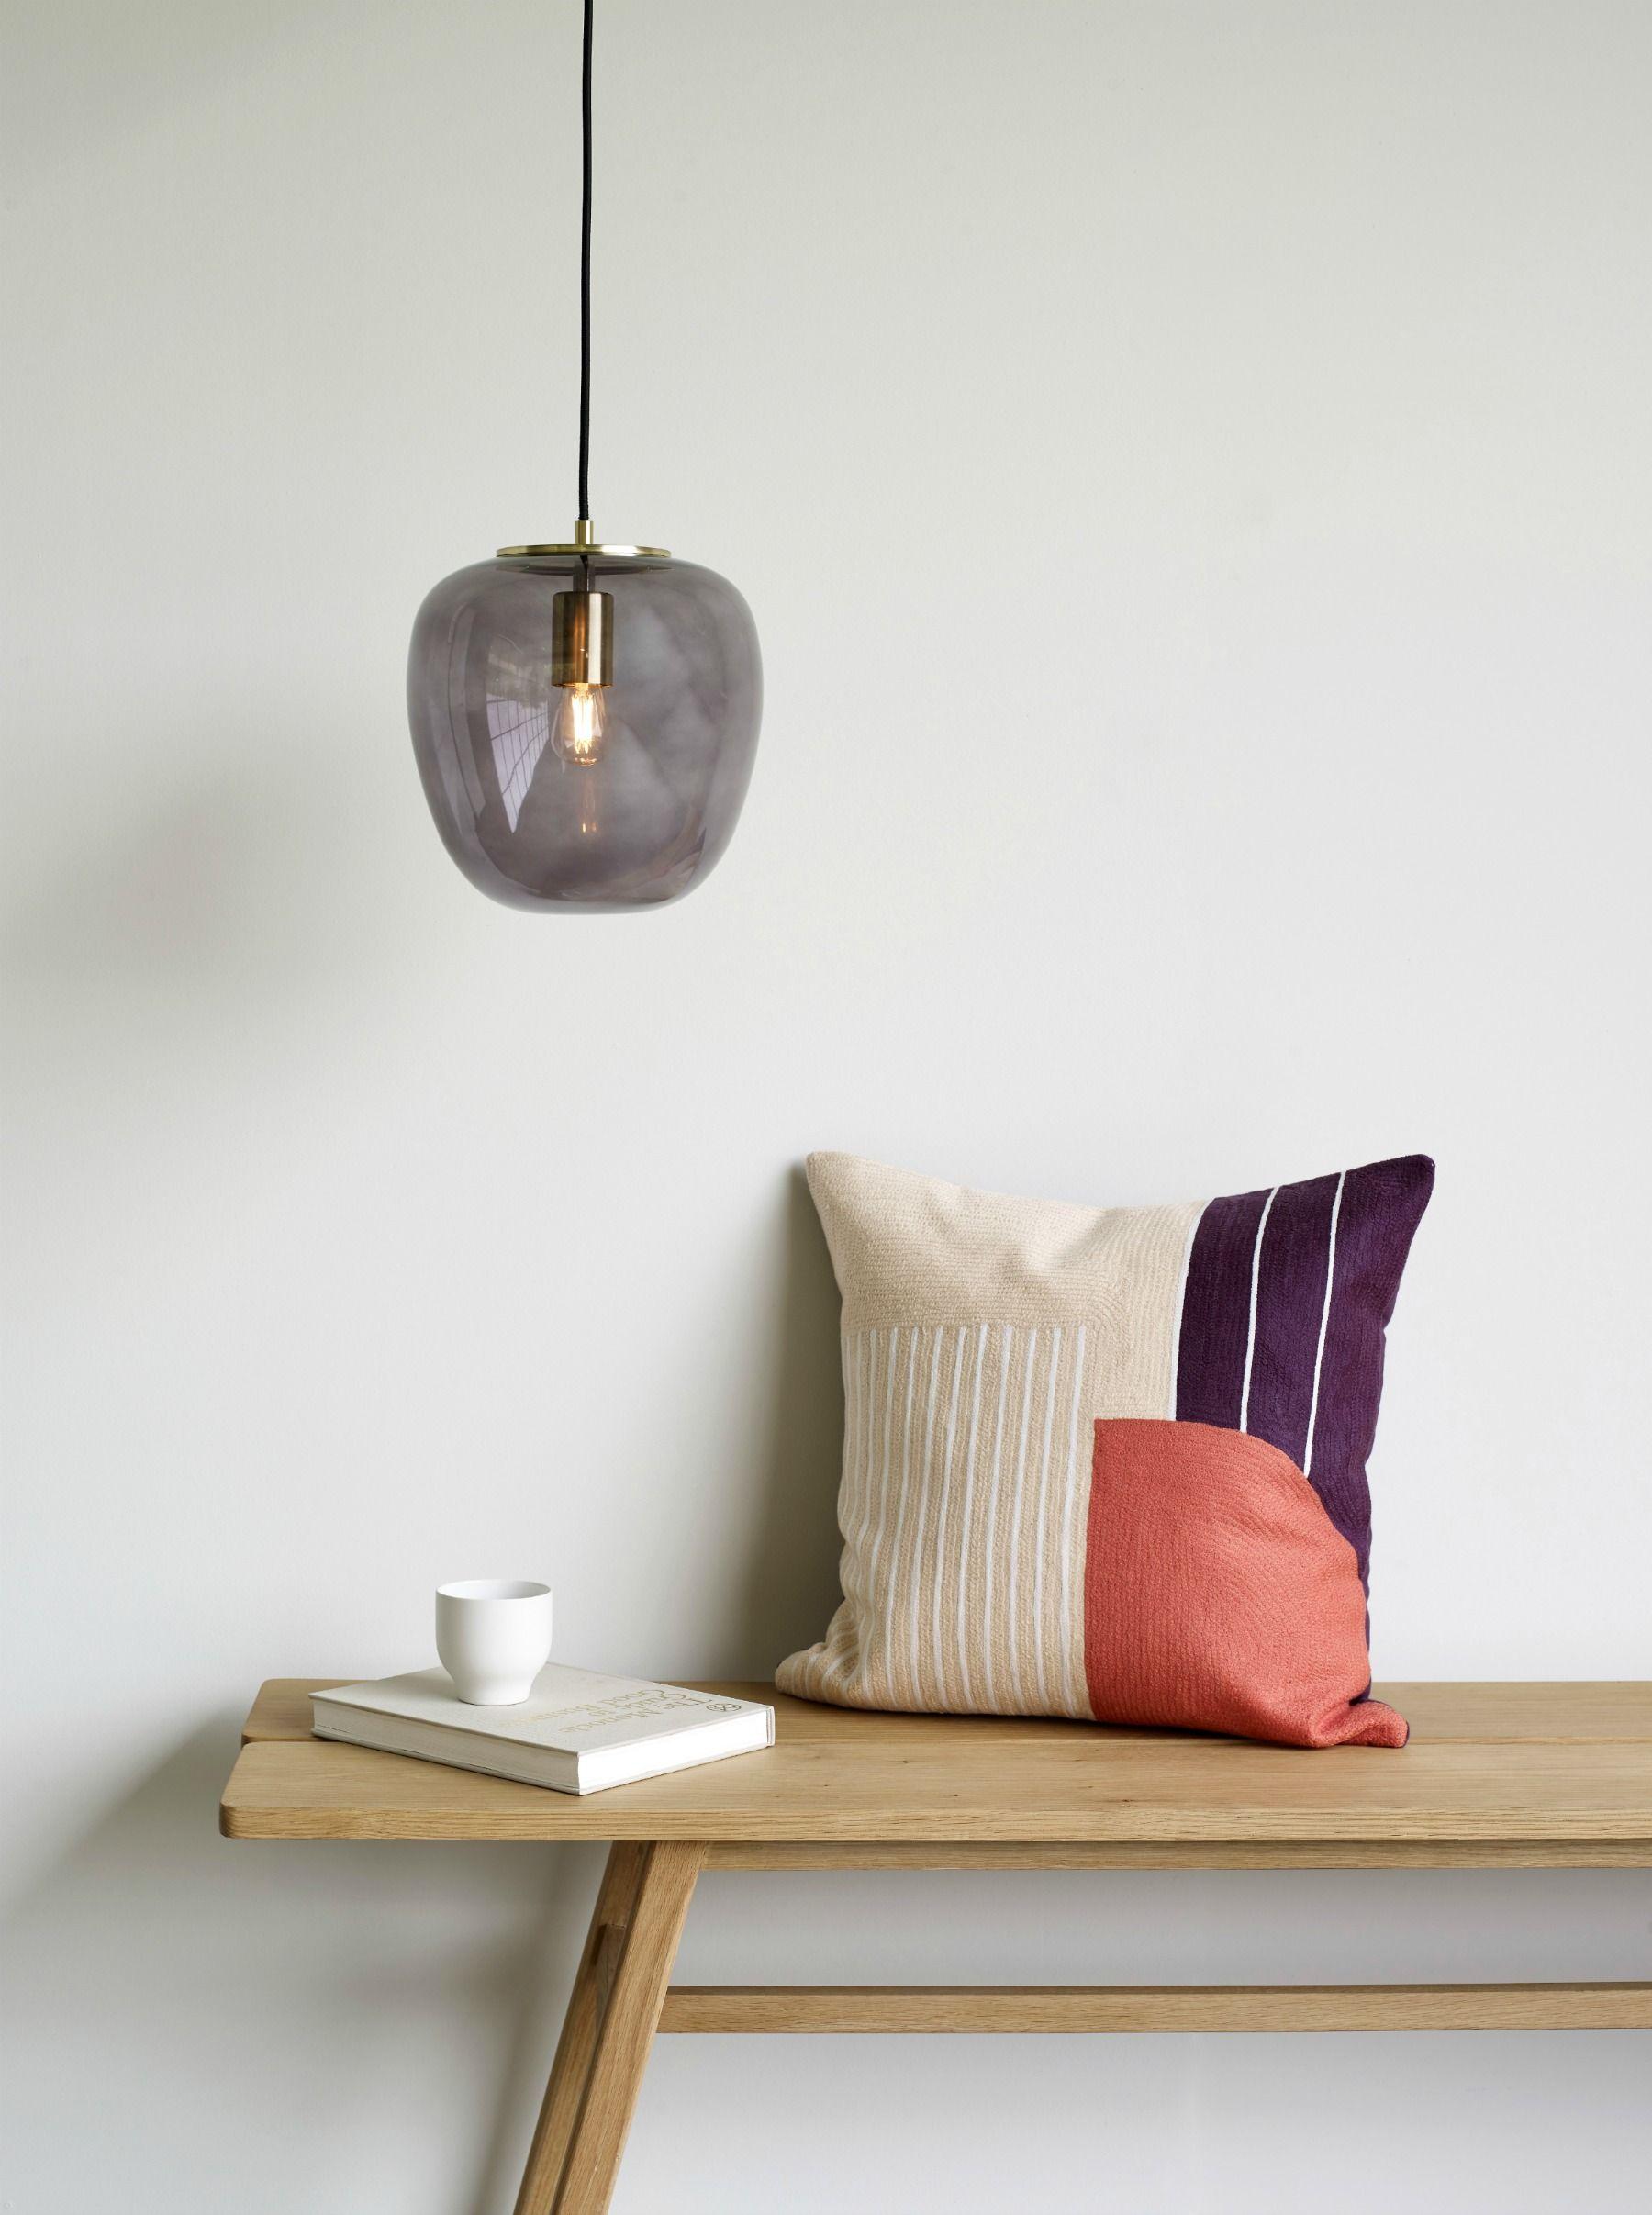 HÜBSCH Deckenlampe Messing Rauchglas (mit Bildern